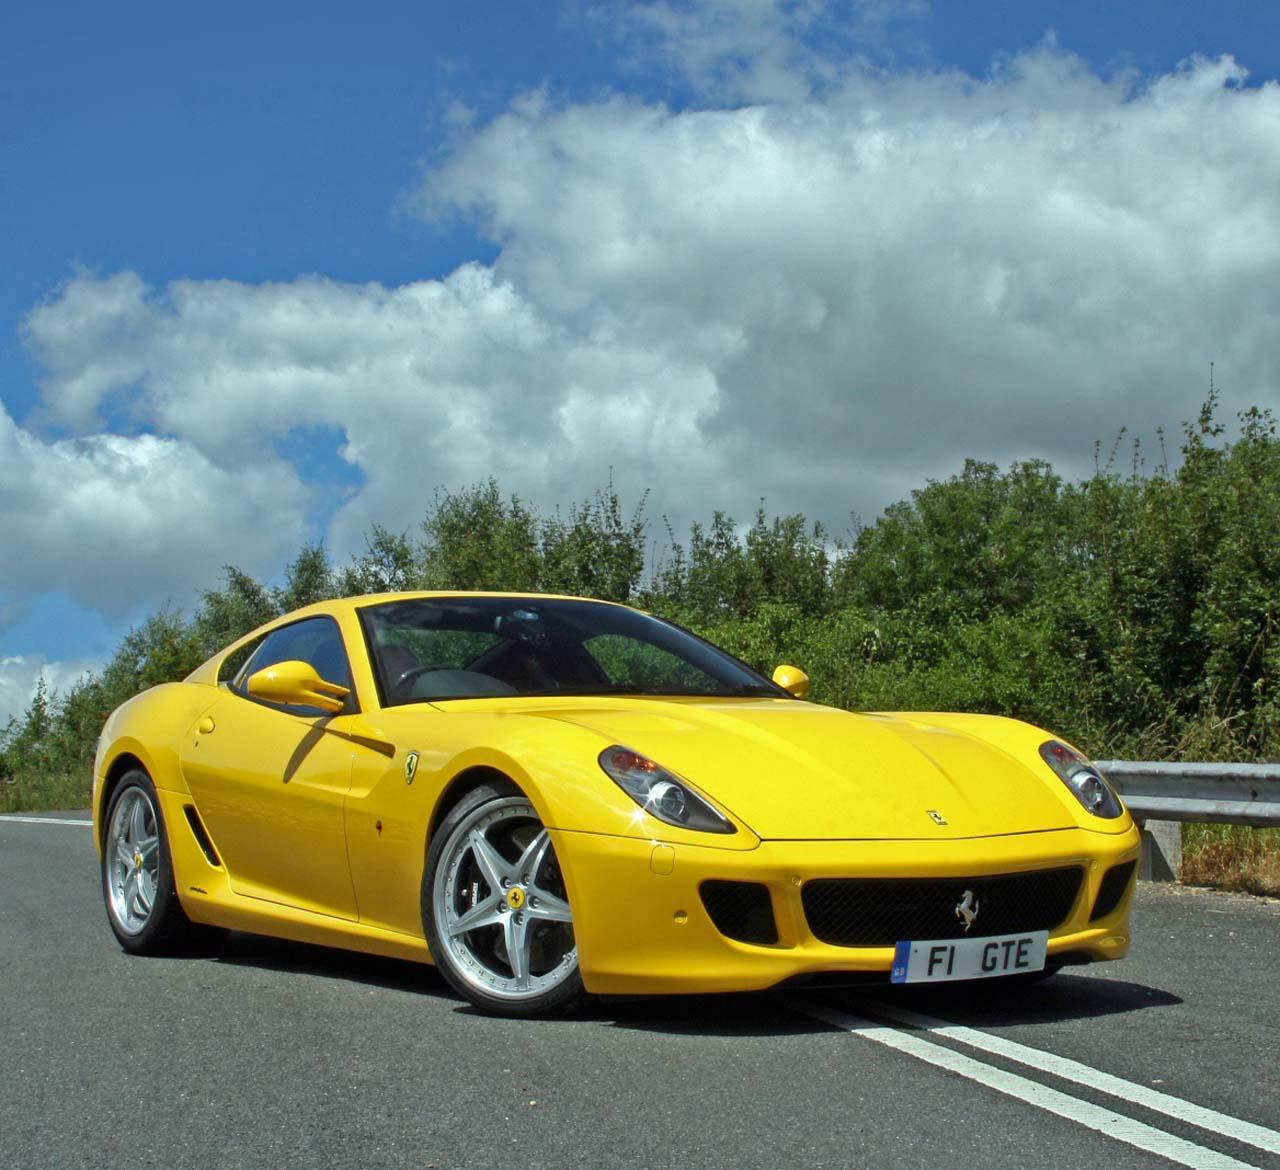 2012 Lamborghini Aventador: Ferrari California Yellow